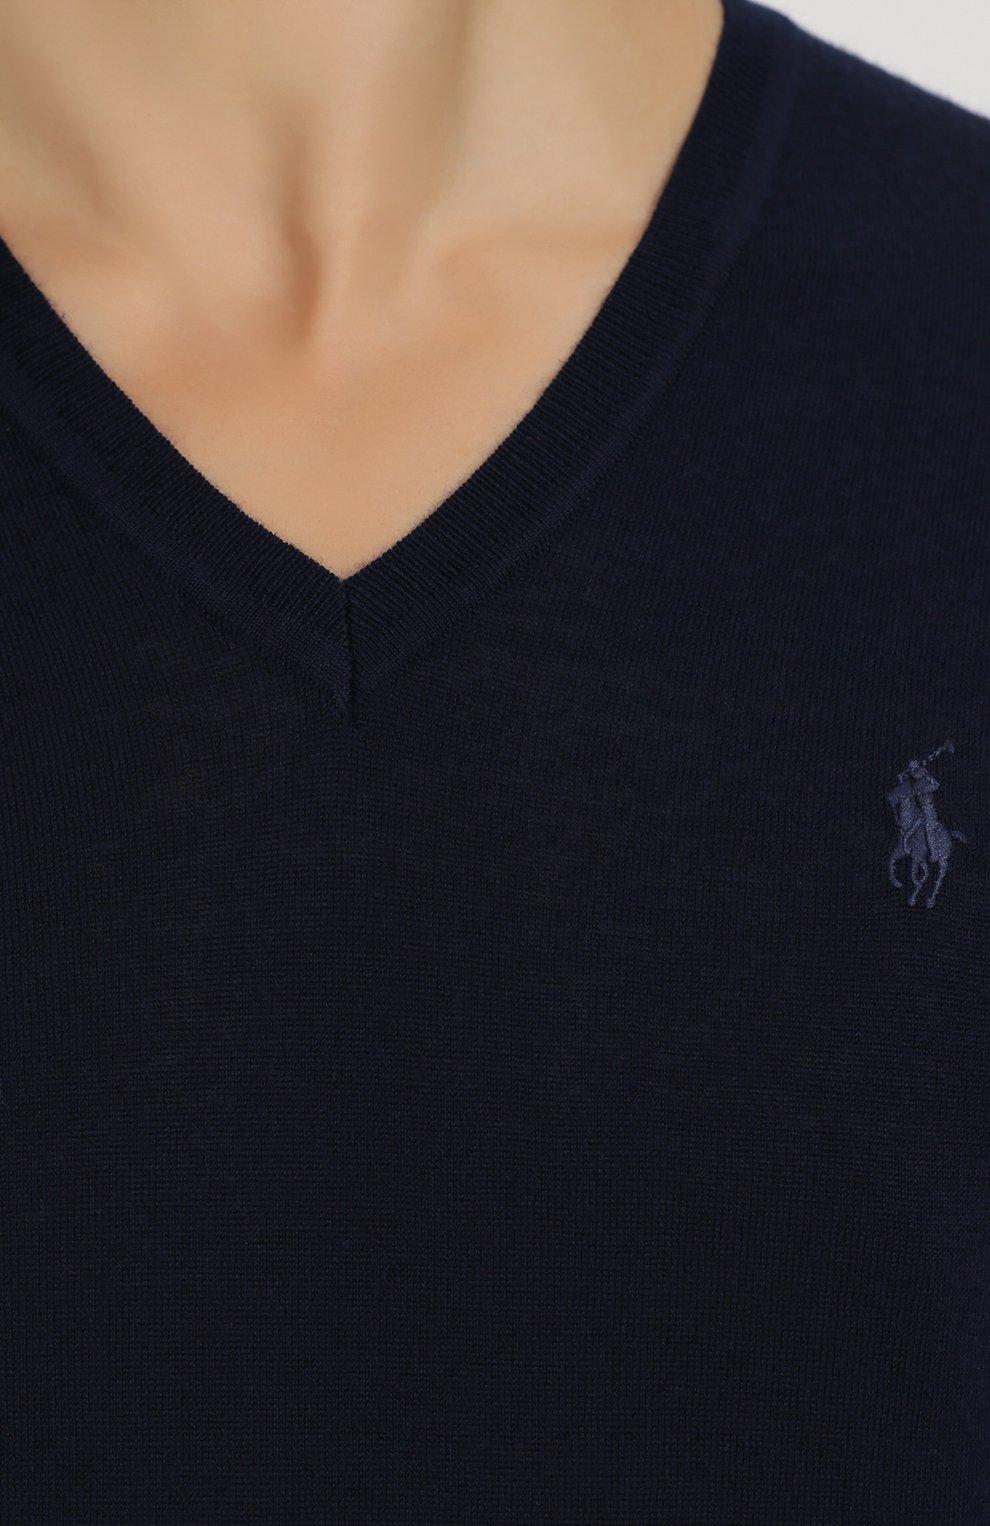 Шерстяной вязаный пуловер с логотипом бренда   Фото №5